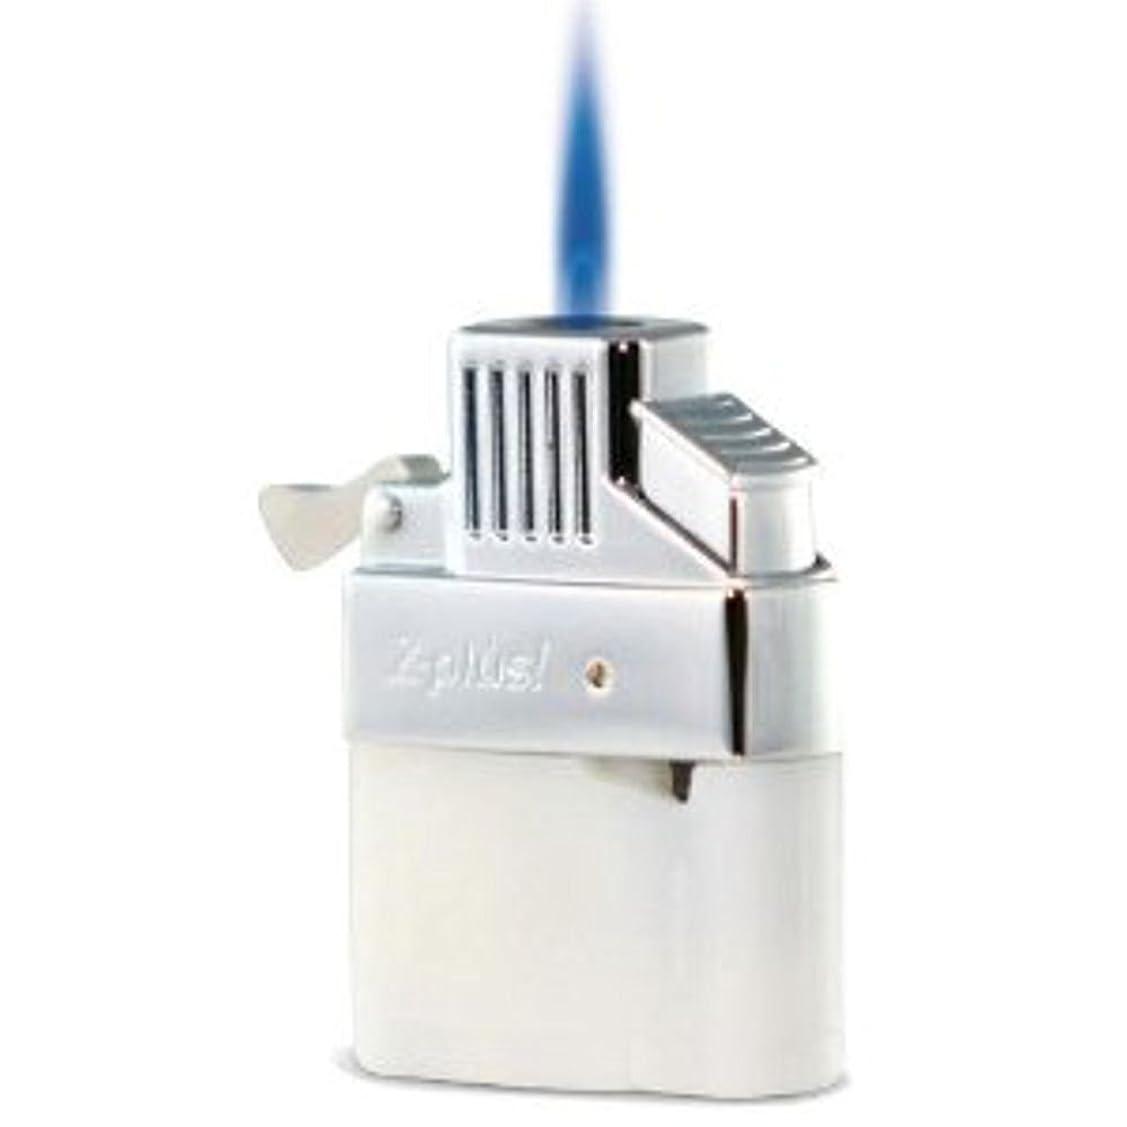 会議ラオス人砦integral(インテグラル) Z-plus!  ZIPPOライター用ガスライターユニット ZINS